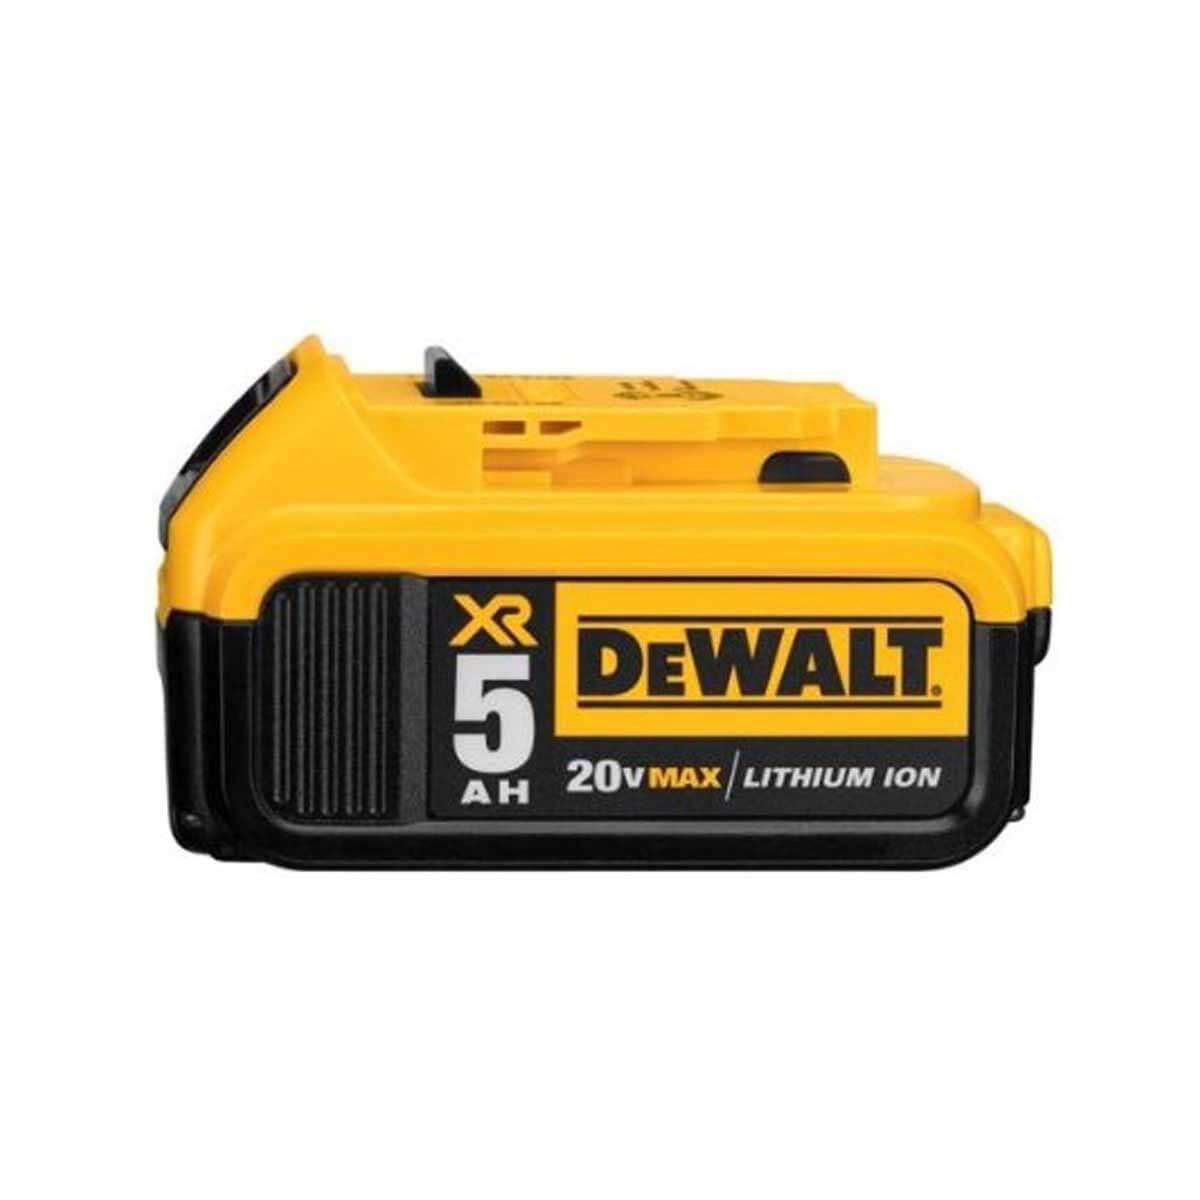 Dewalt 20V MAX XR 5.0Ah Lithium Ion Battery-Pack 2